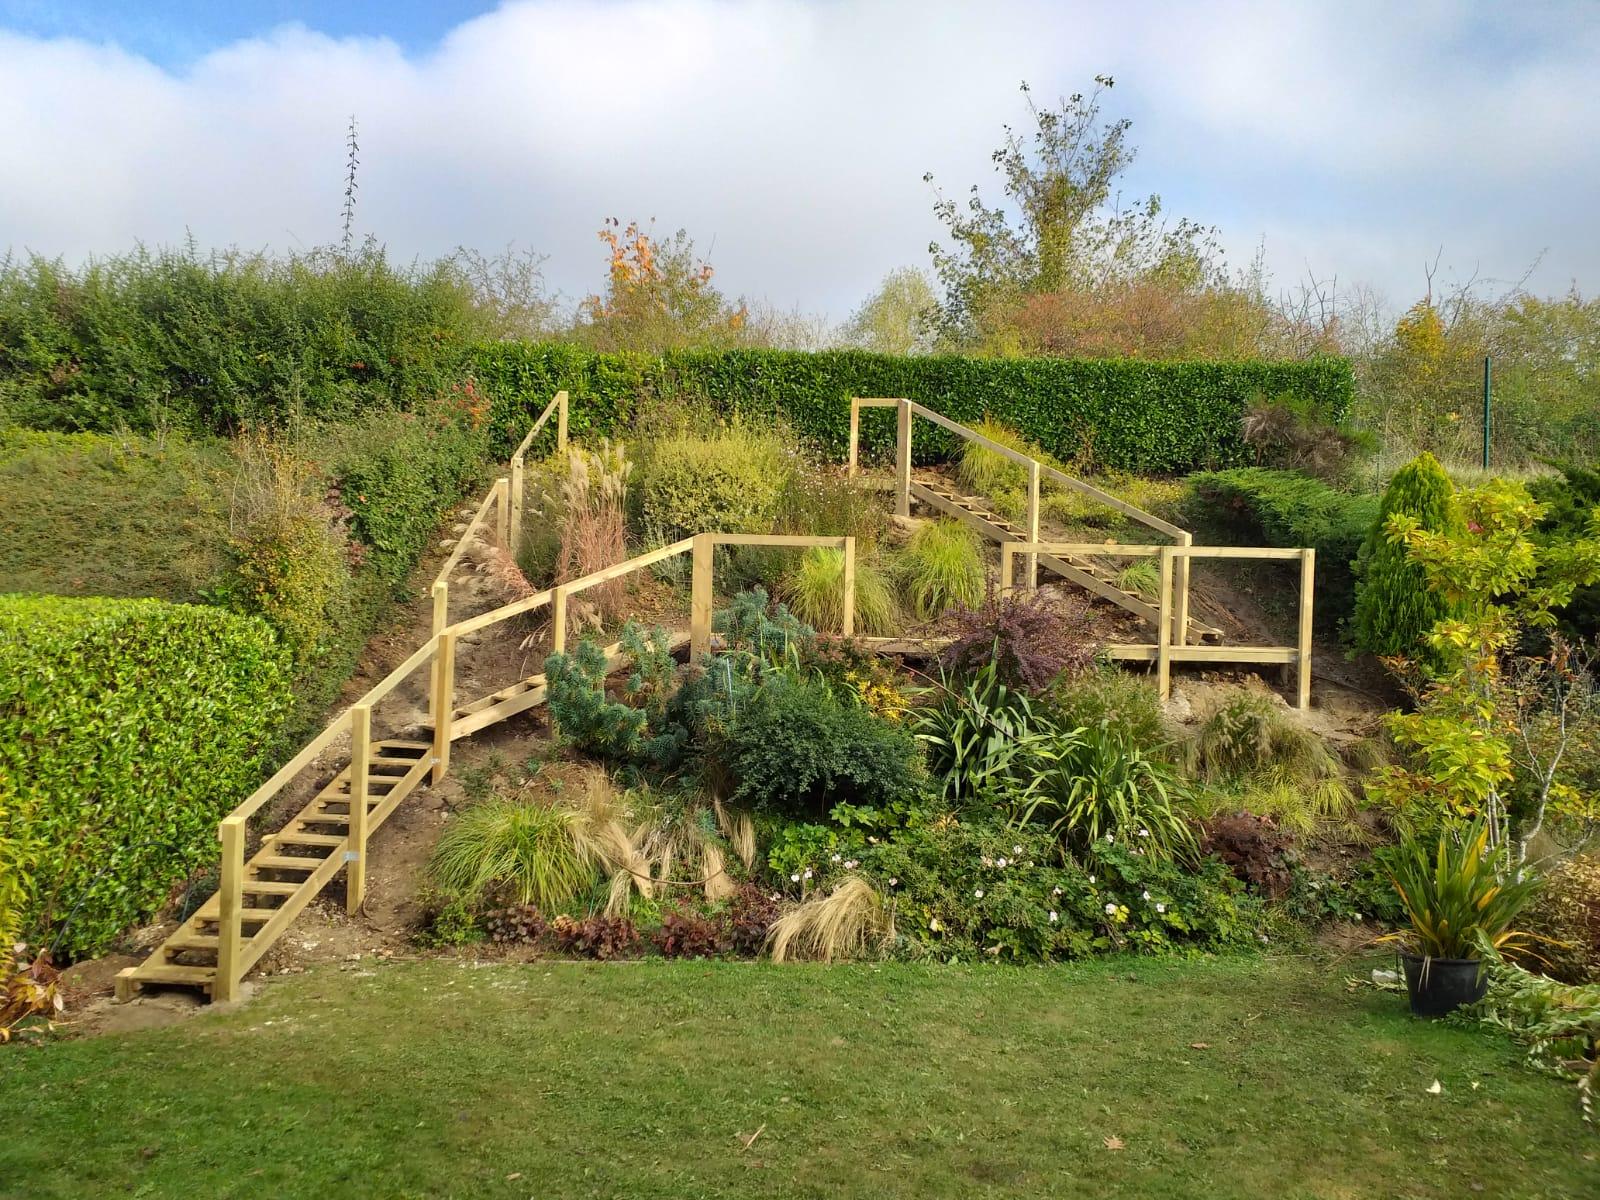 Sur mesure, conception, création, escalier, ouvrage bois, Green Hand co,GHC, création espaces verts, entretien espaces verts, travaux de plantation, aménagement jardin, réaménagement jardin